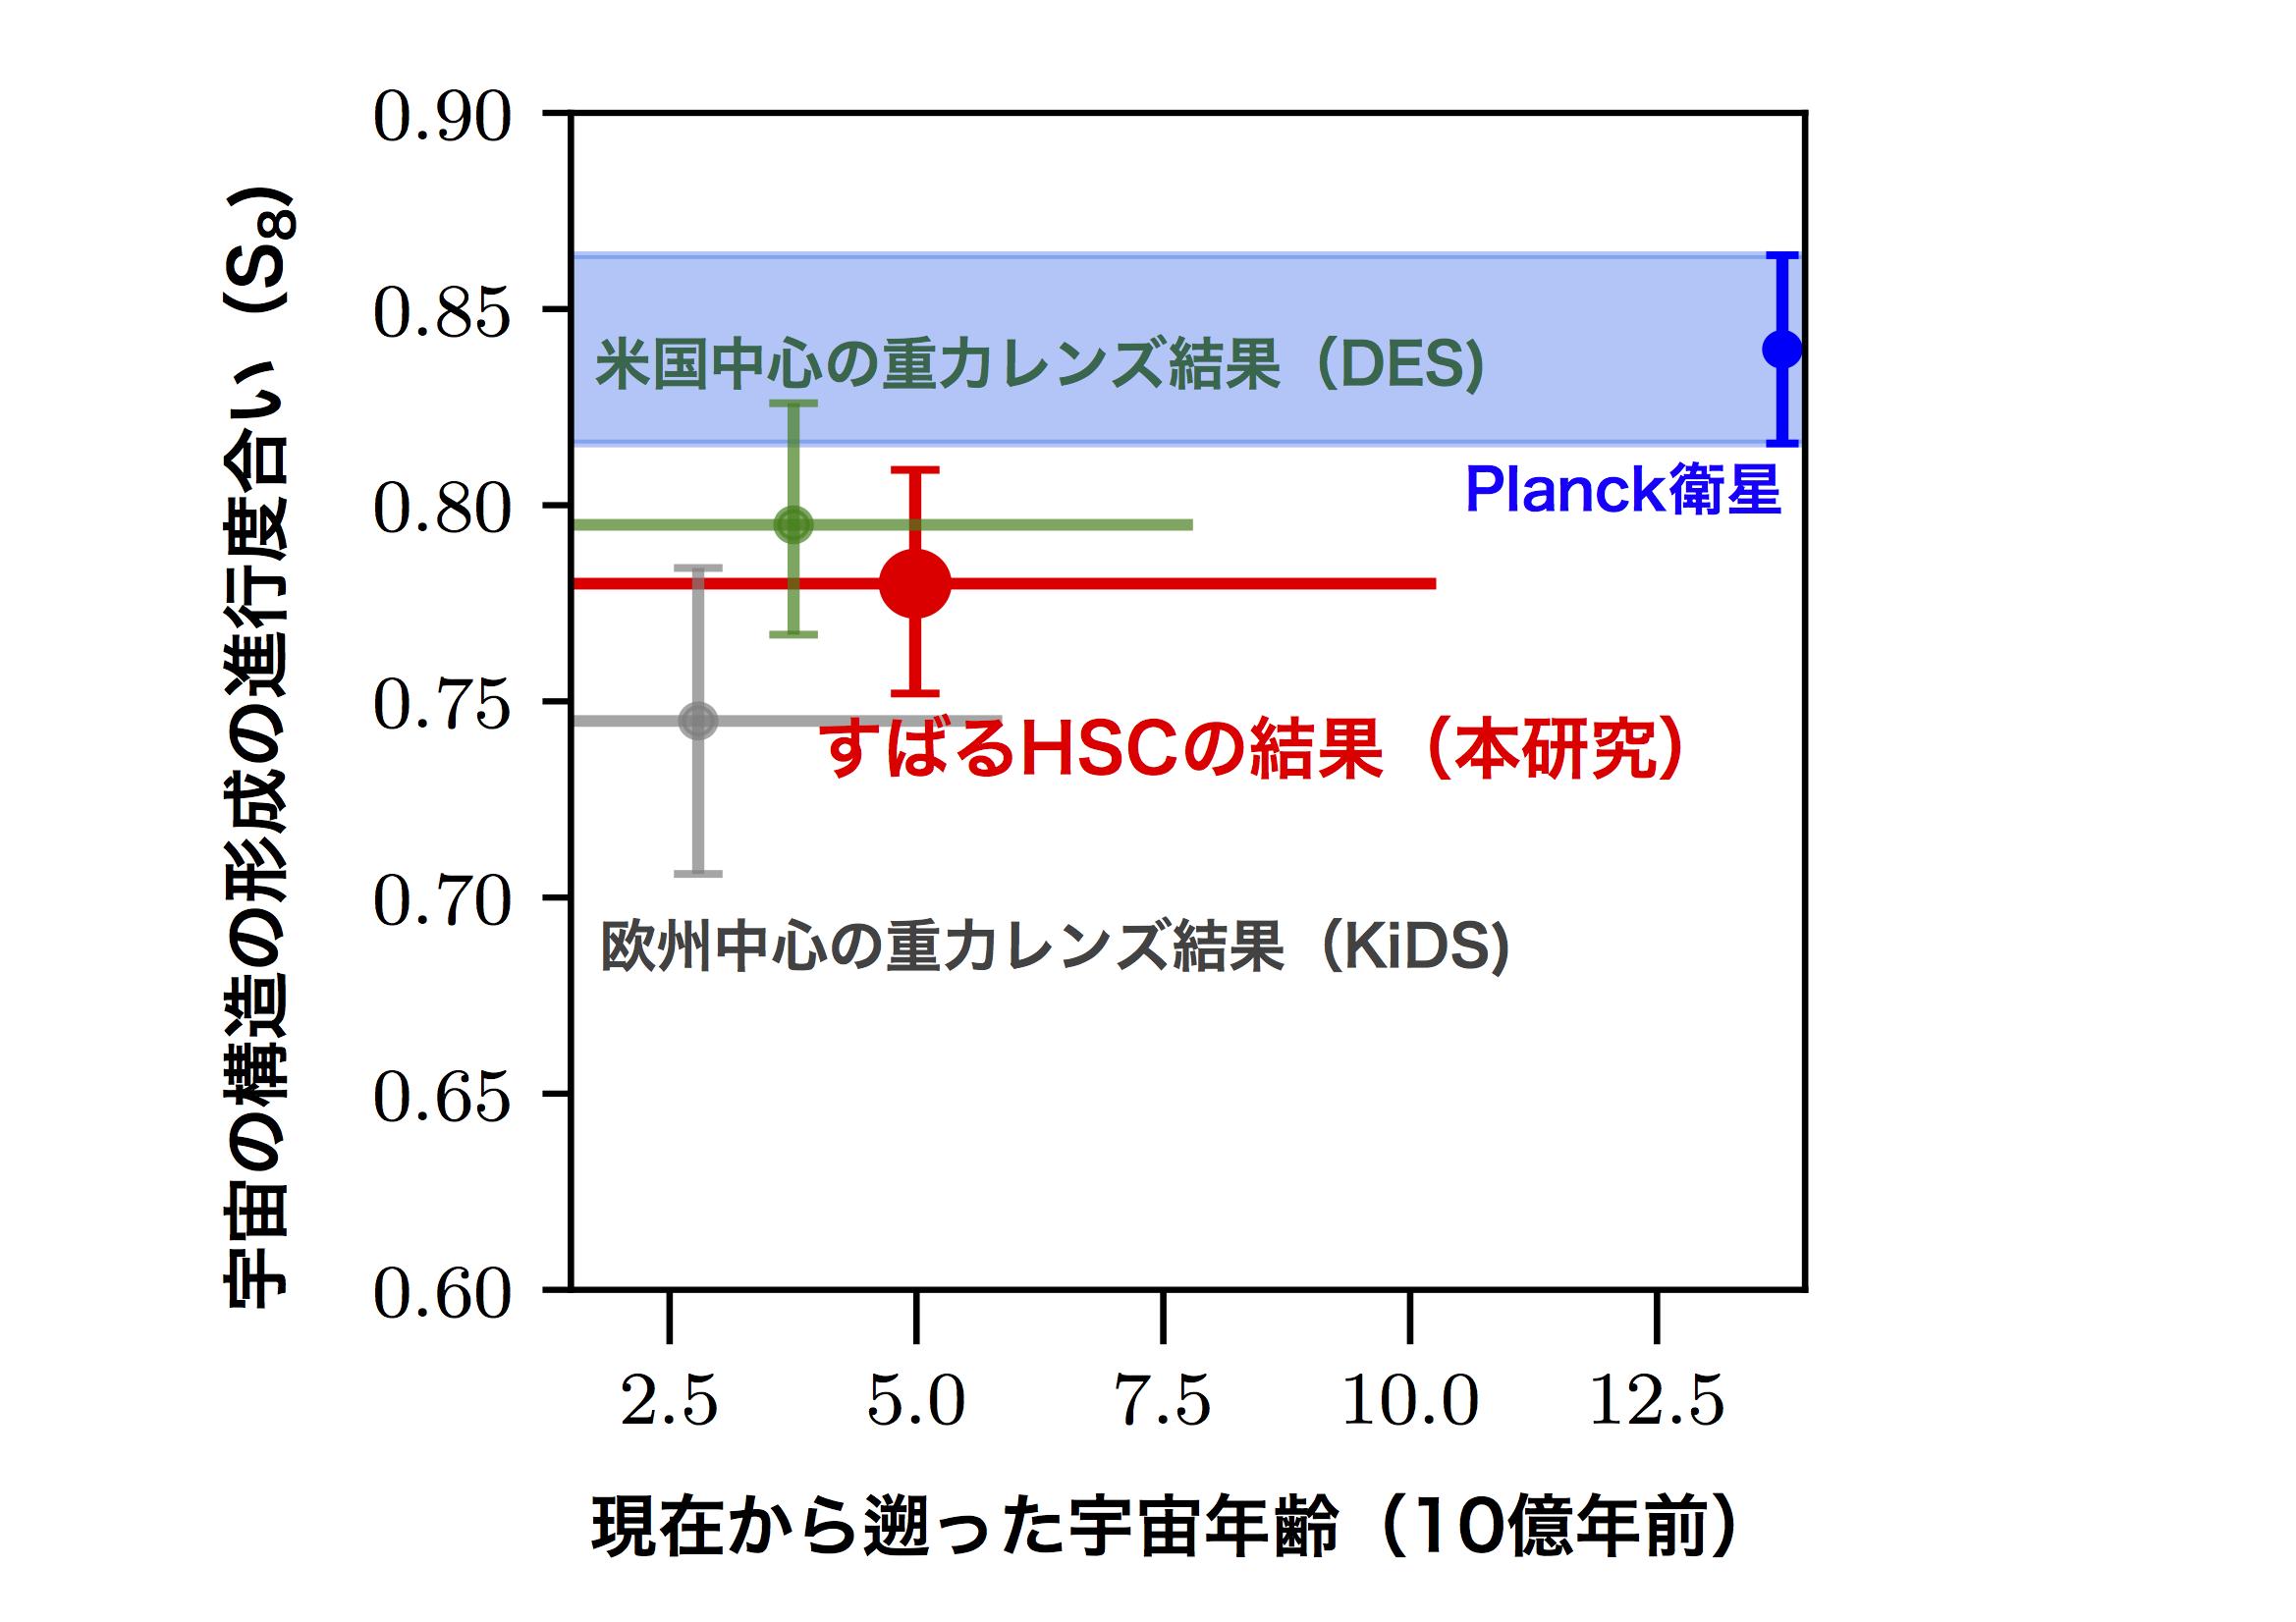 すばる望遠鏡発の精密宇宙論の幕開け ―ダークマター、ダークエネルギーの解明を目指して― 図2